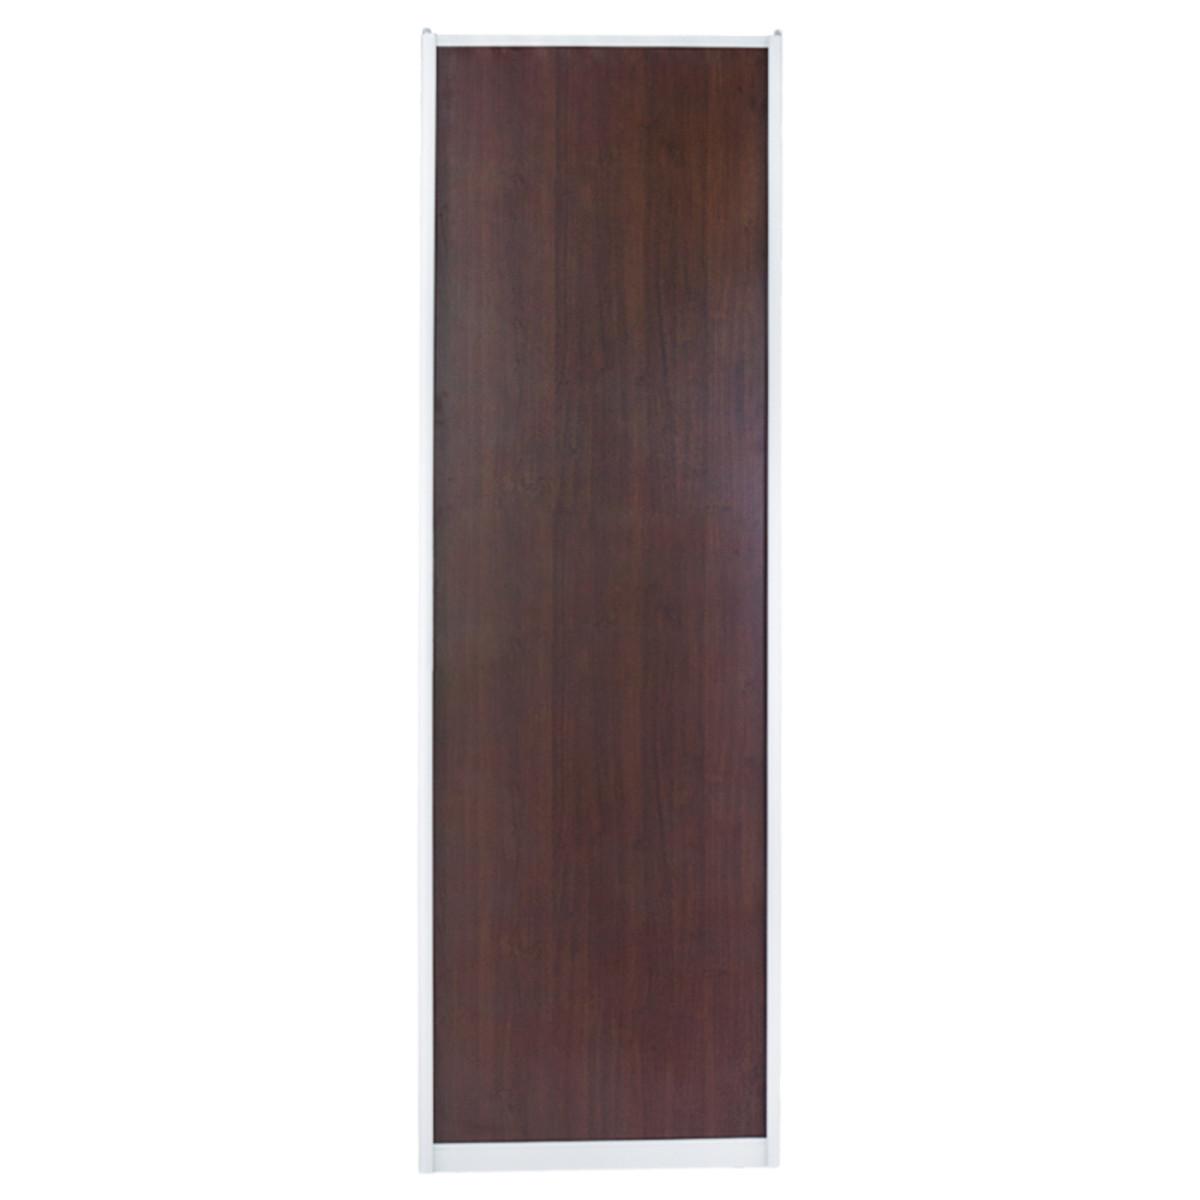 Дверь-купе 2251х704 мм цвет венге/серебро